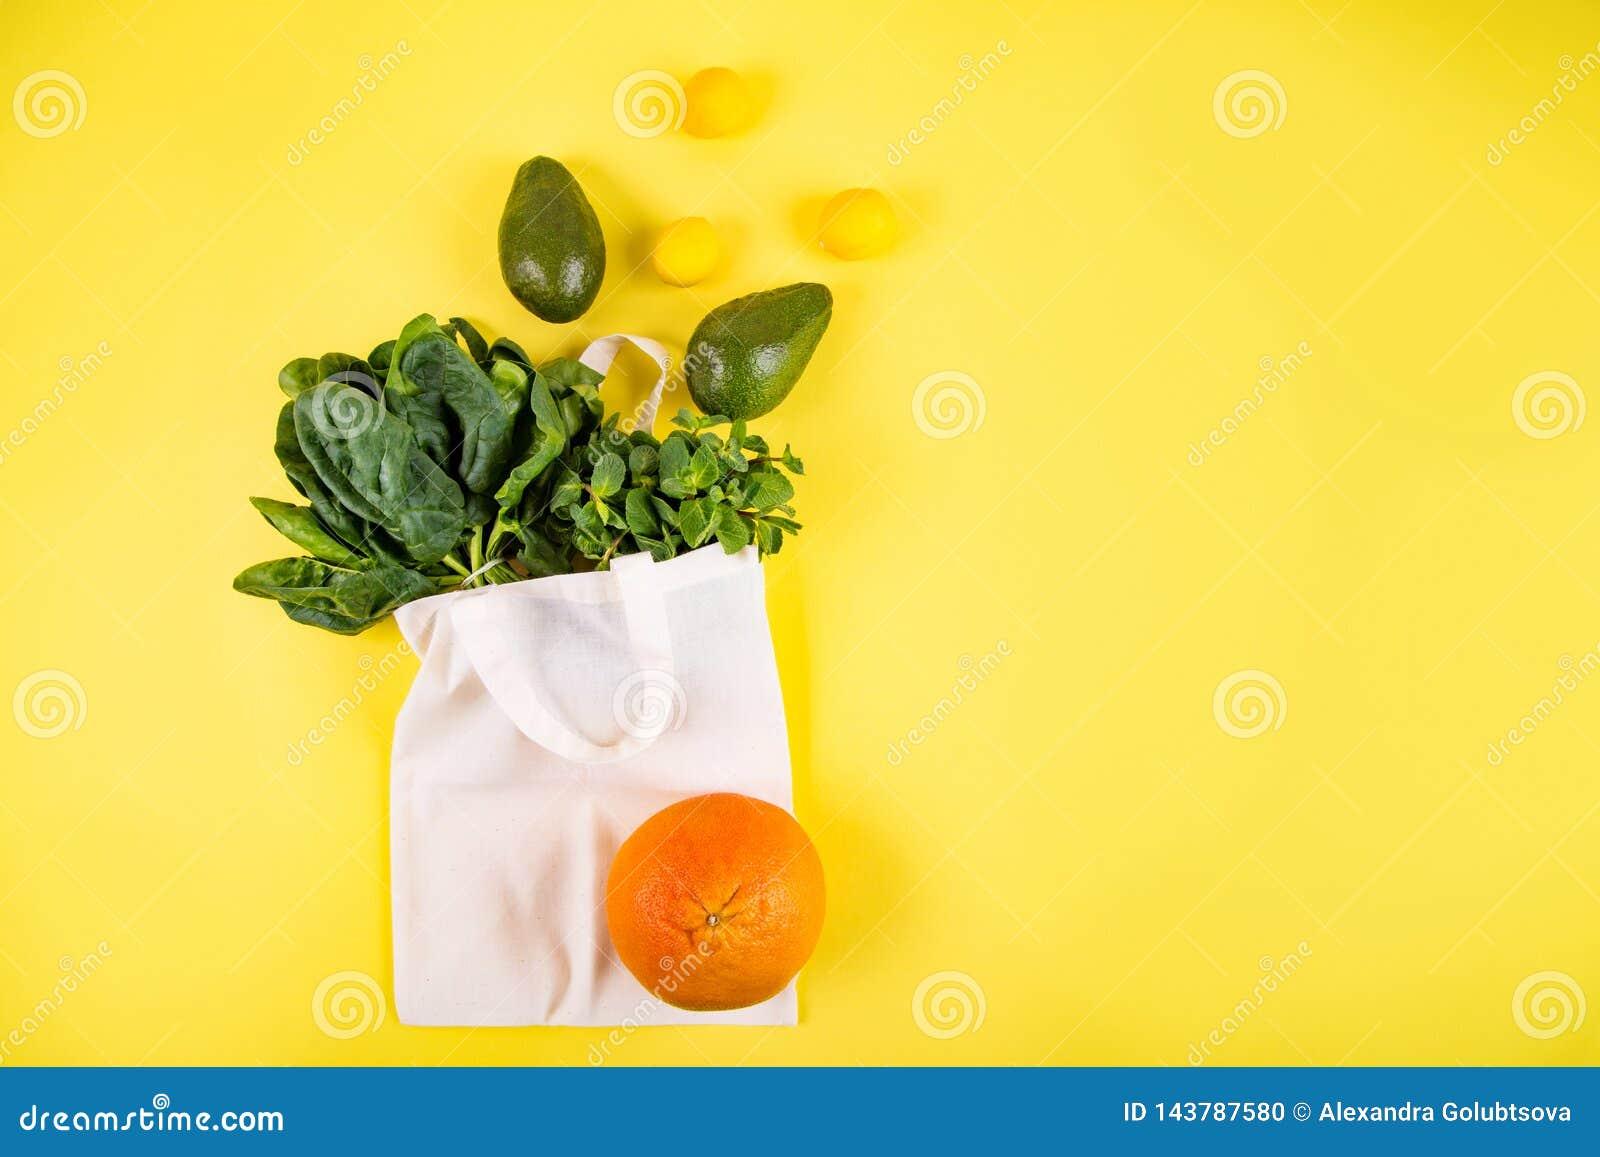 Style étendu plat de fruits et légumes